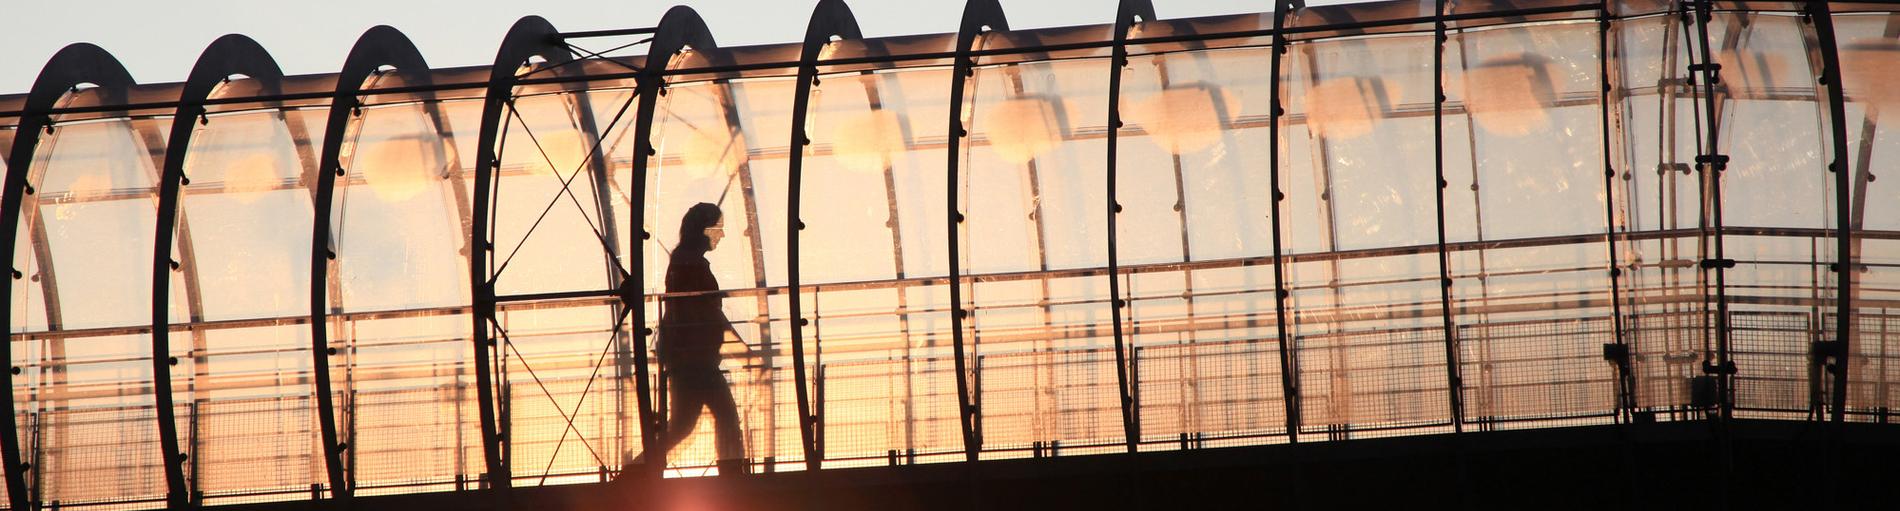 Ein transparenter Röhrengang in dem man die Silhouette einer Person sieht bei untergehender Sonne.